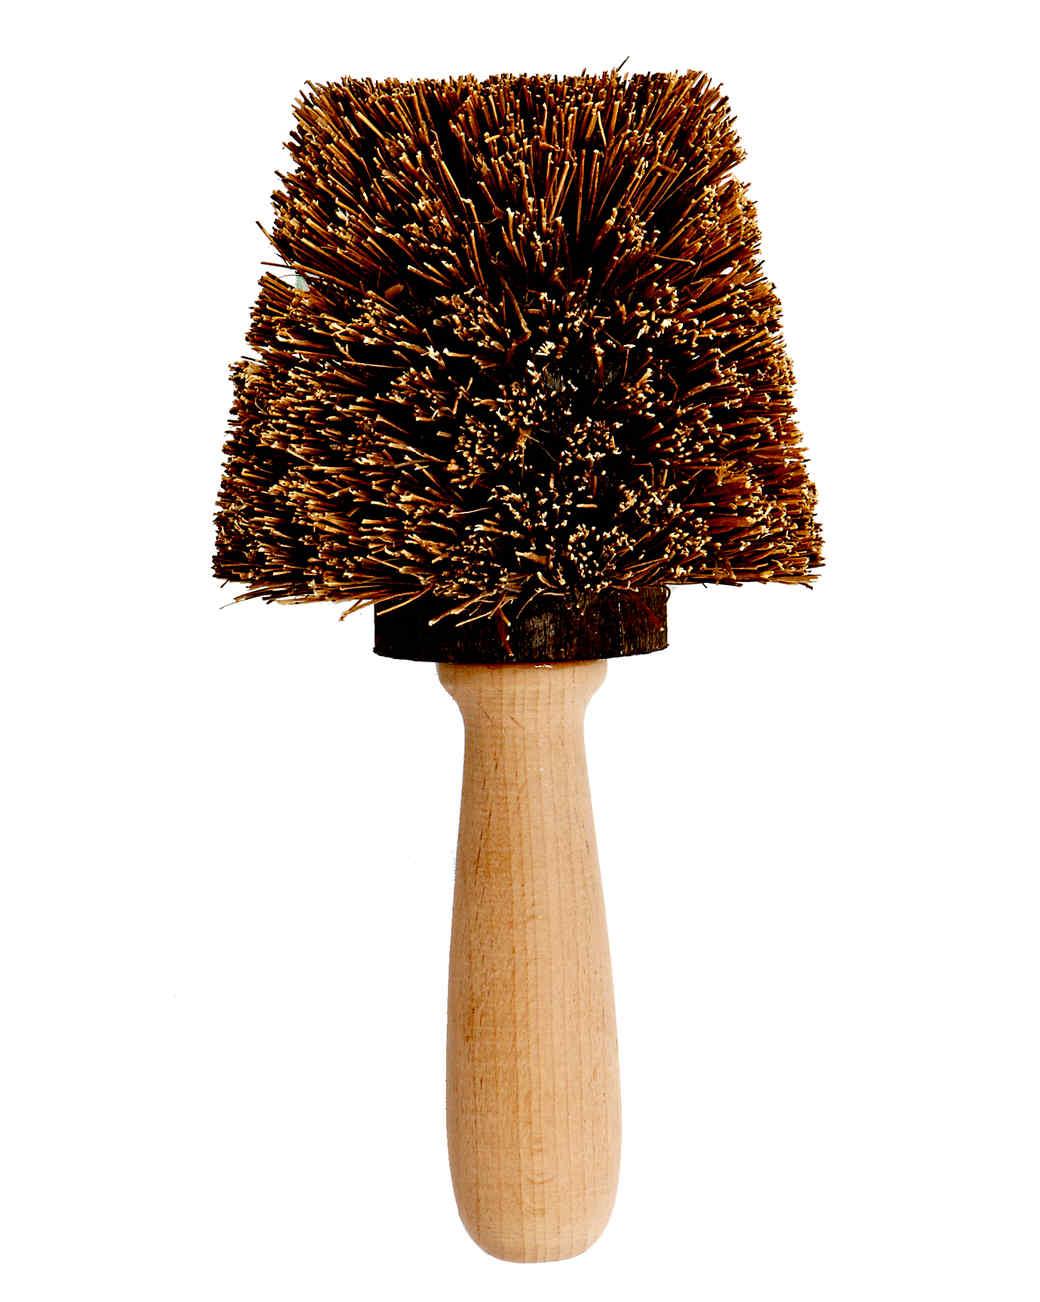 garden-brush-4329-d111384.jpg